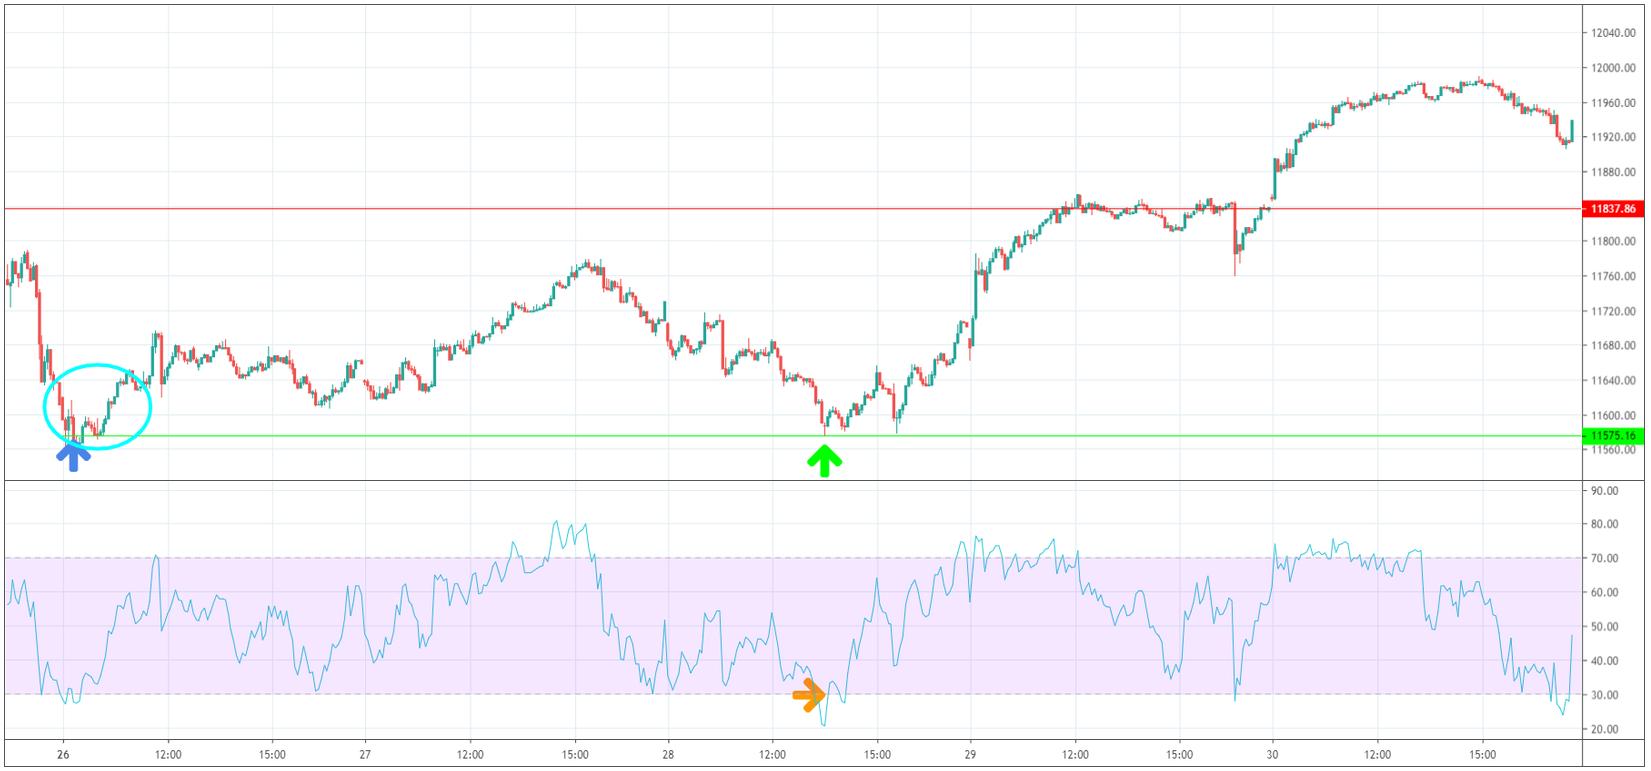 Chartanalyse – 400 Euro beim DAX Trading gewinnen